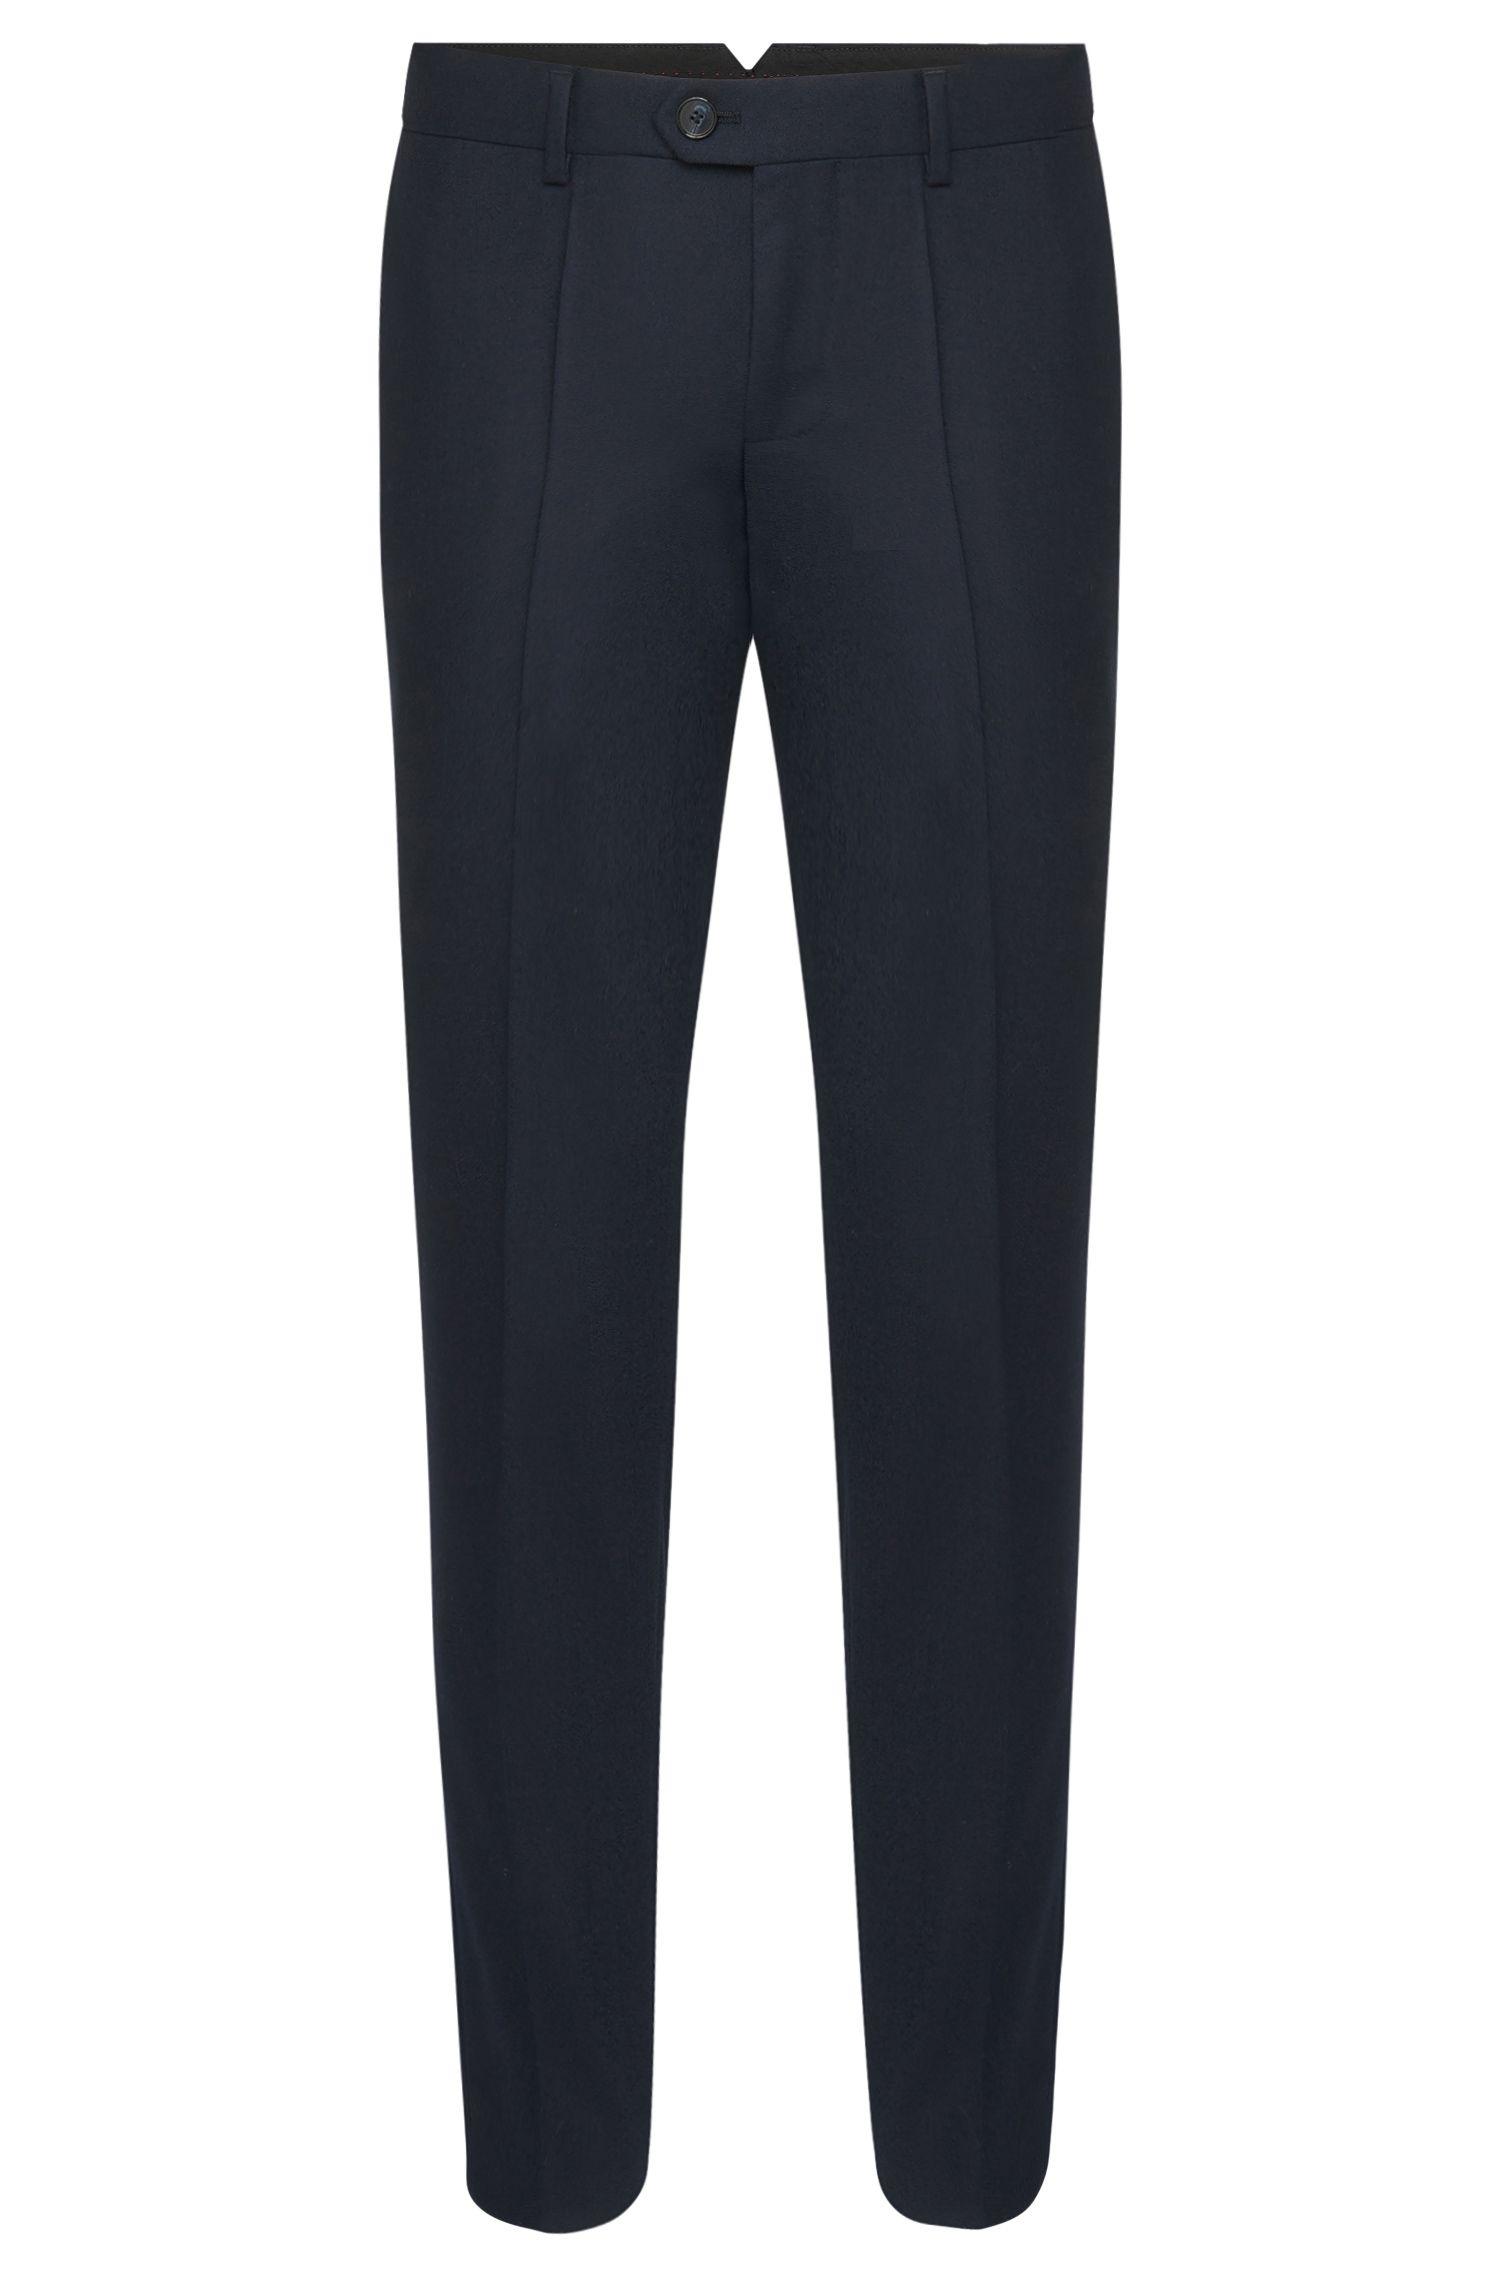 'Hening' | Tapered Fit, Virgin Wool Dress Pants